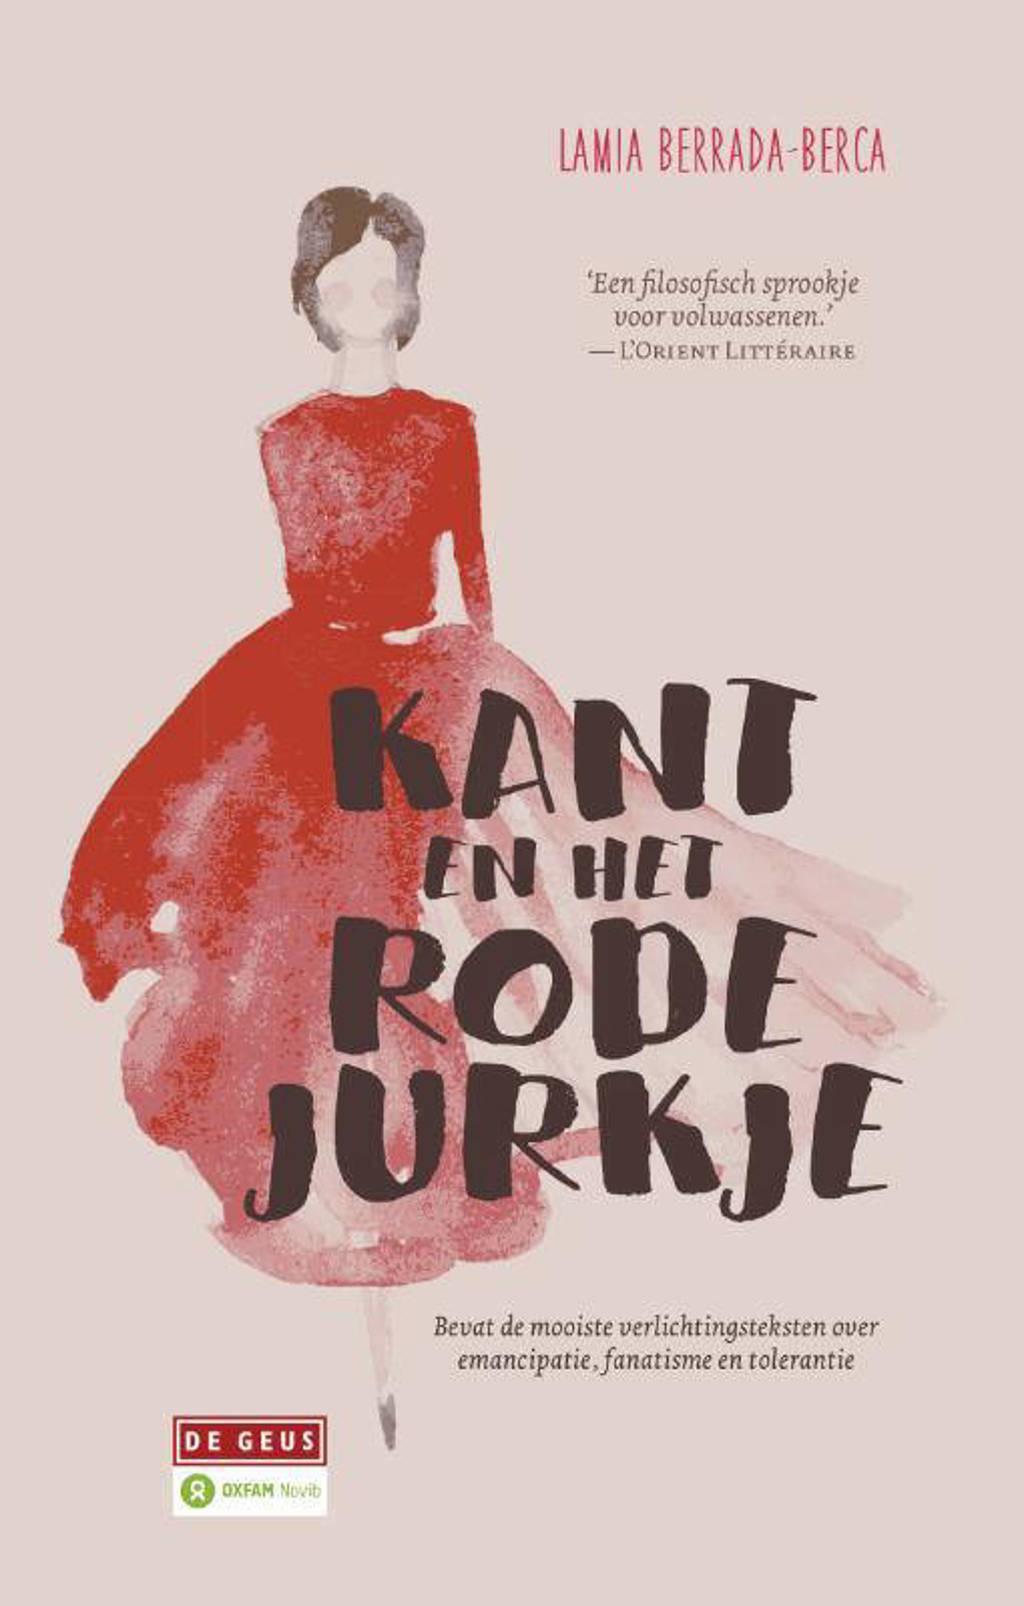 Kant en het rode jurkje - Lamia Berrada-Berca